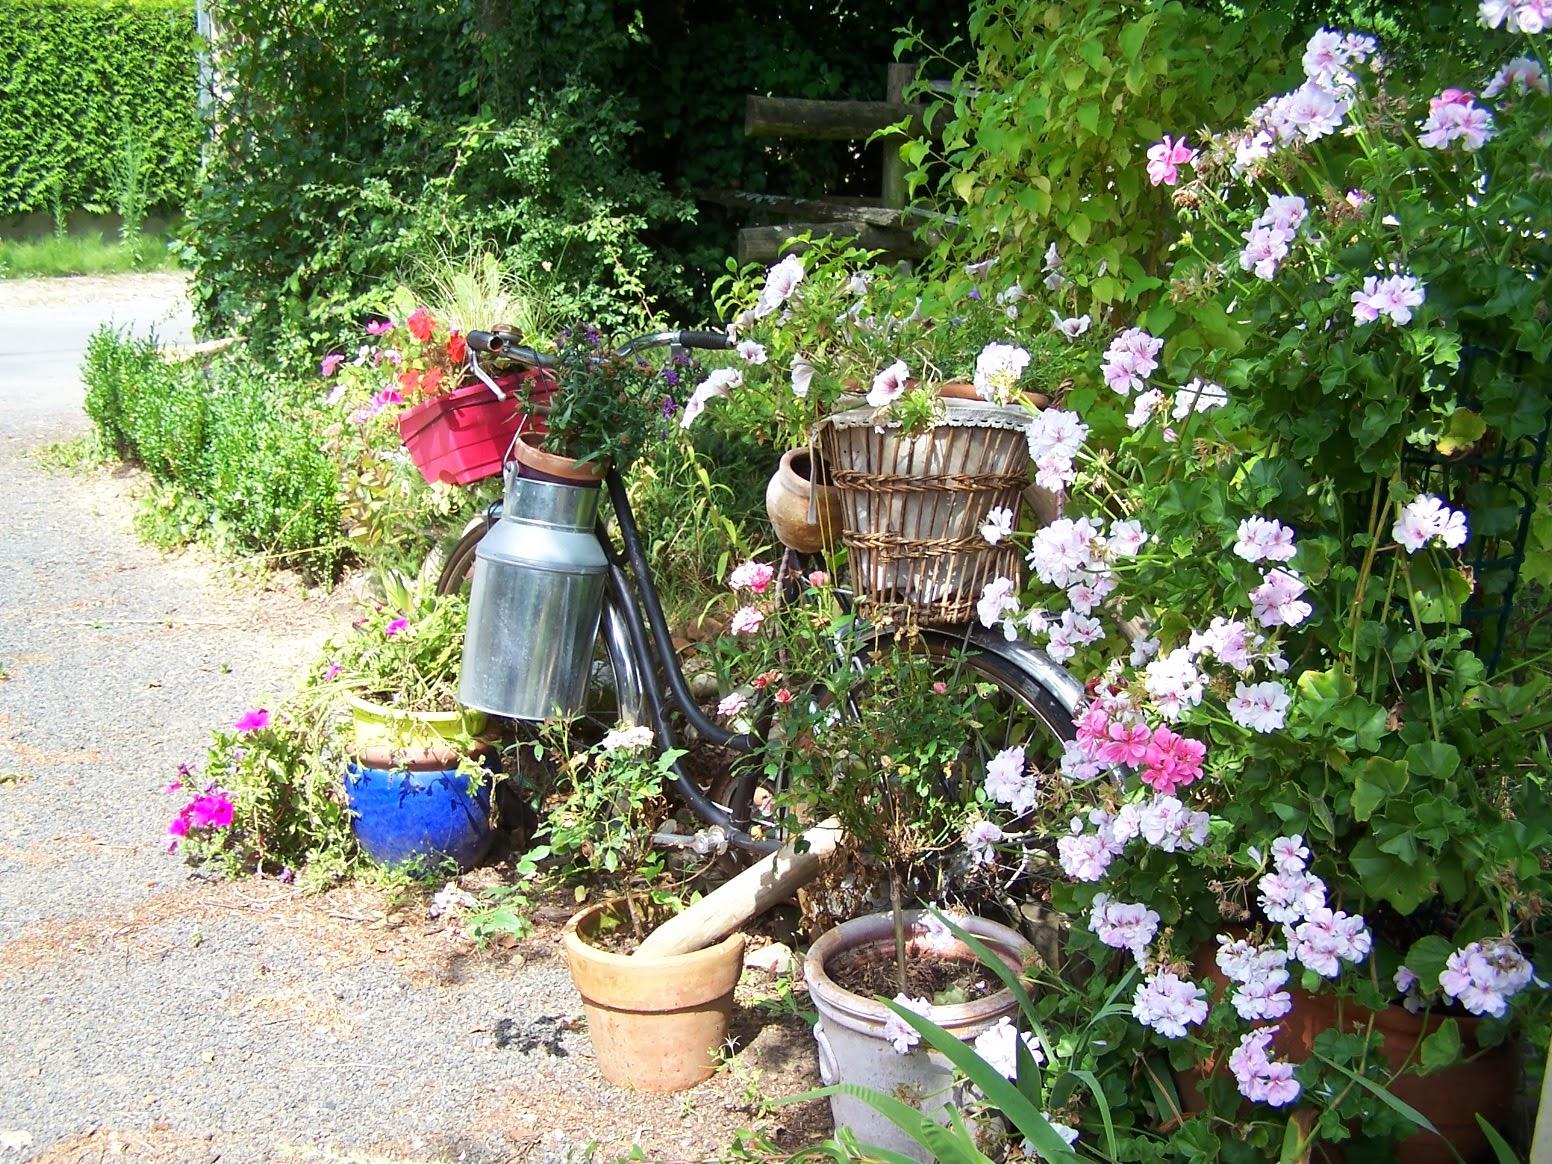 Bienvenue dans mon jardin a fill sur sarthe histoire du for Decoration jardin originale